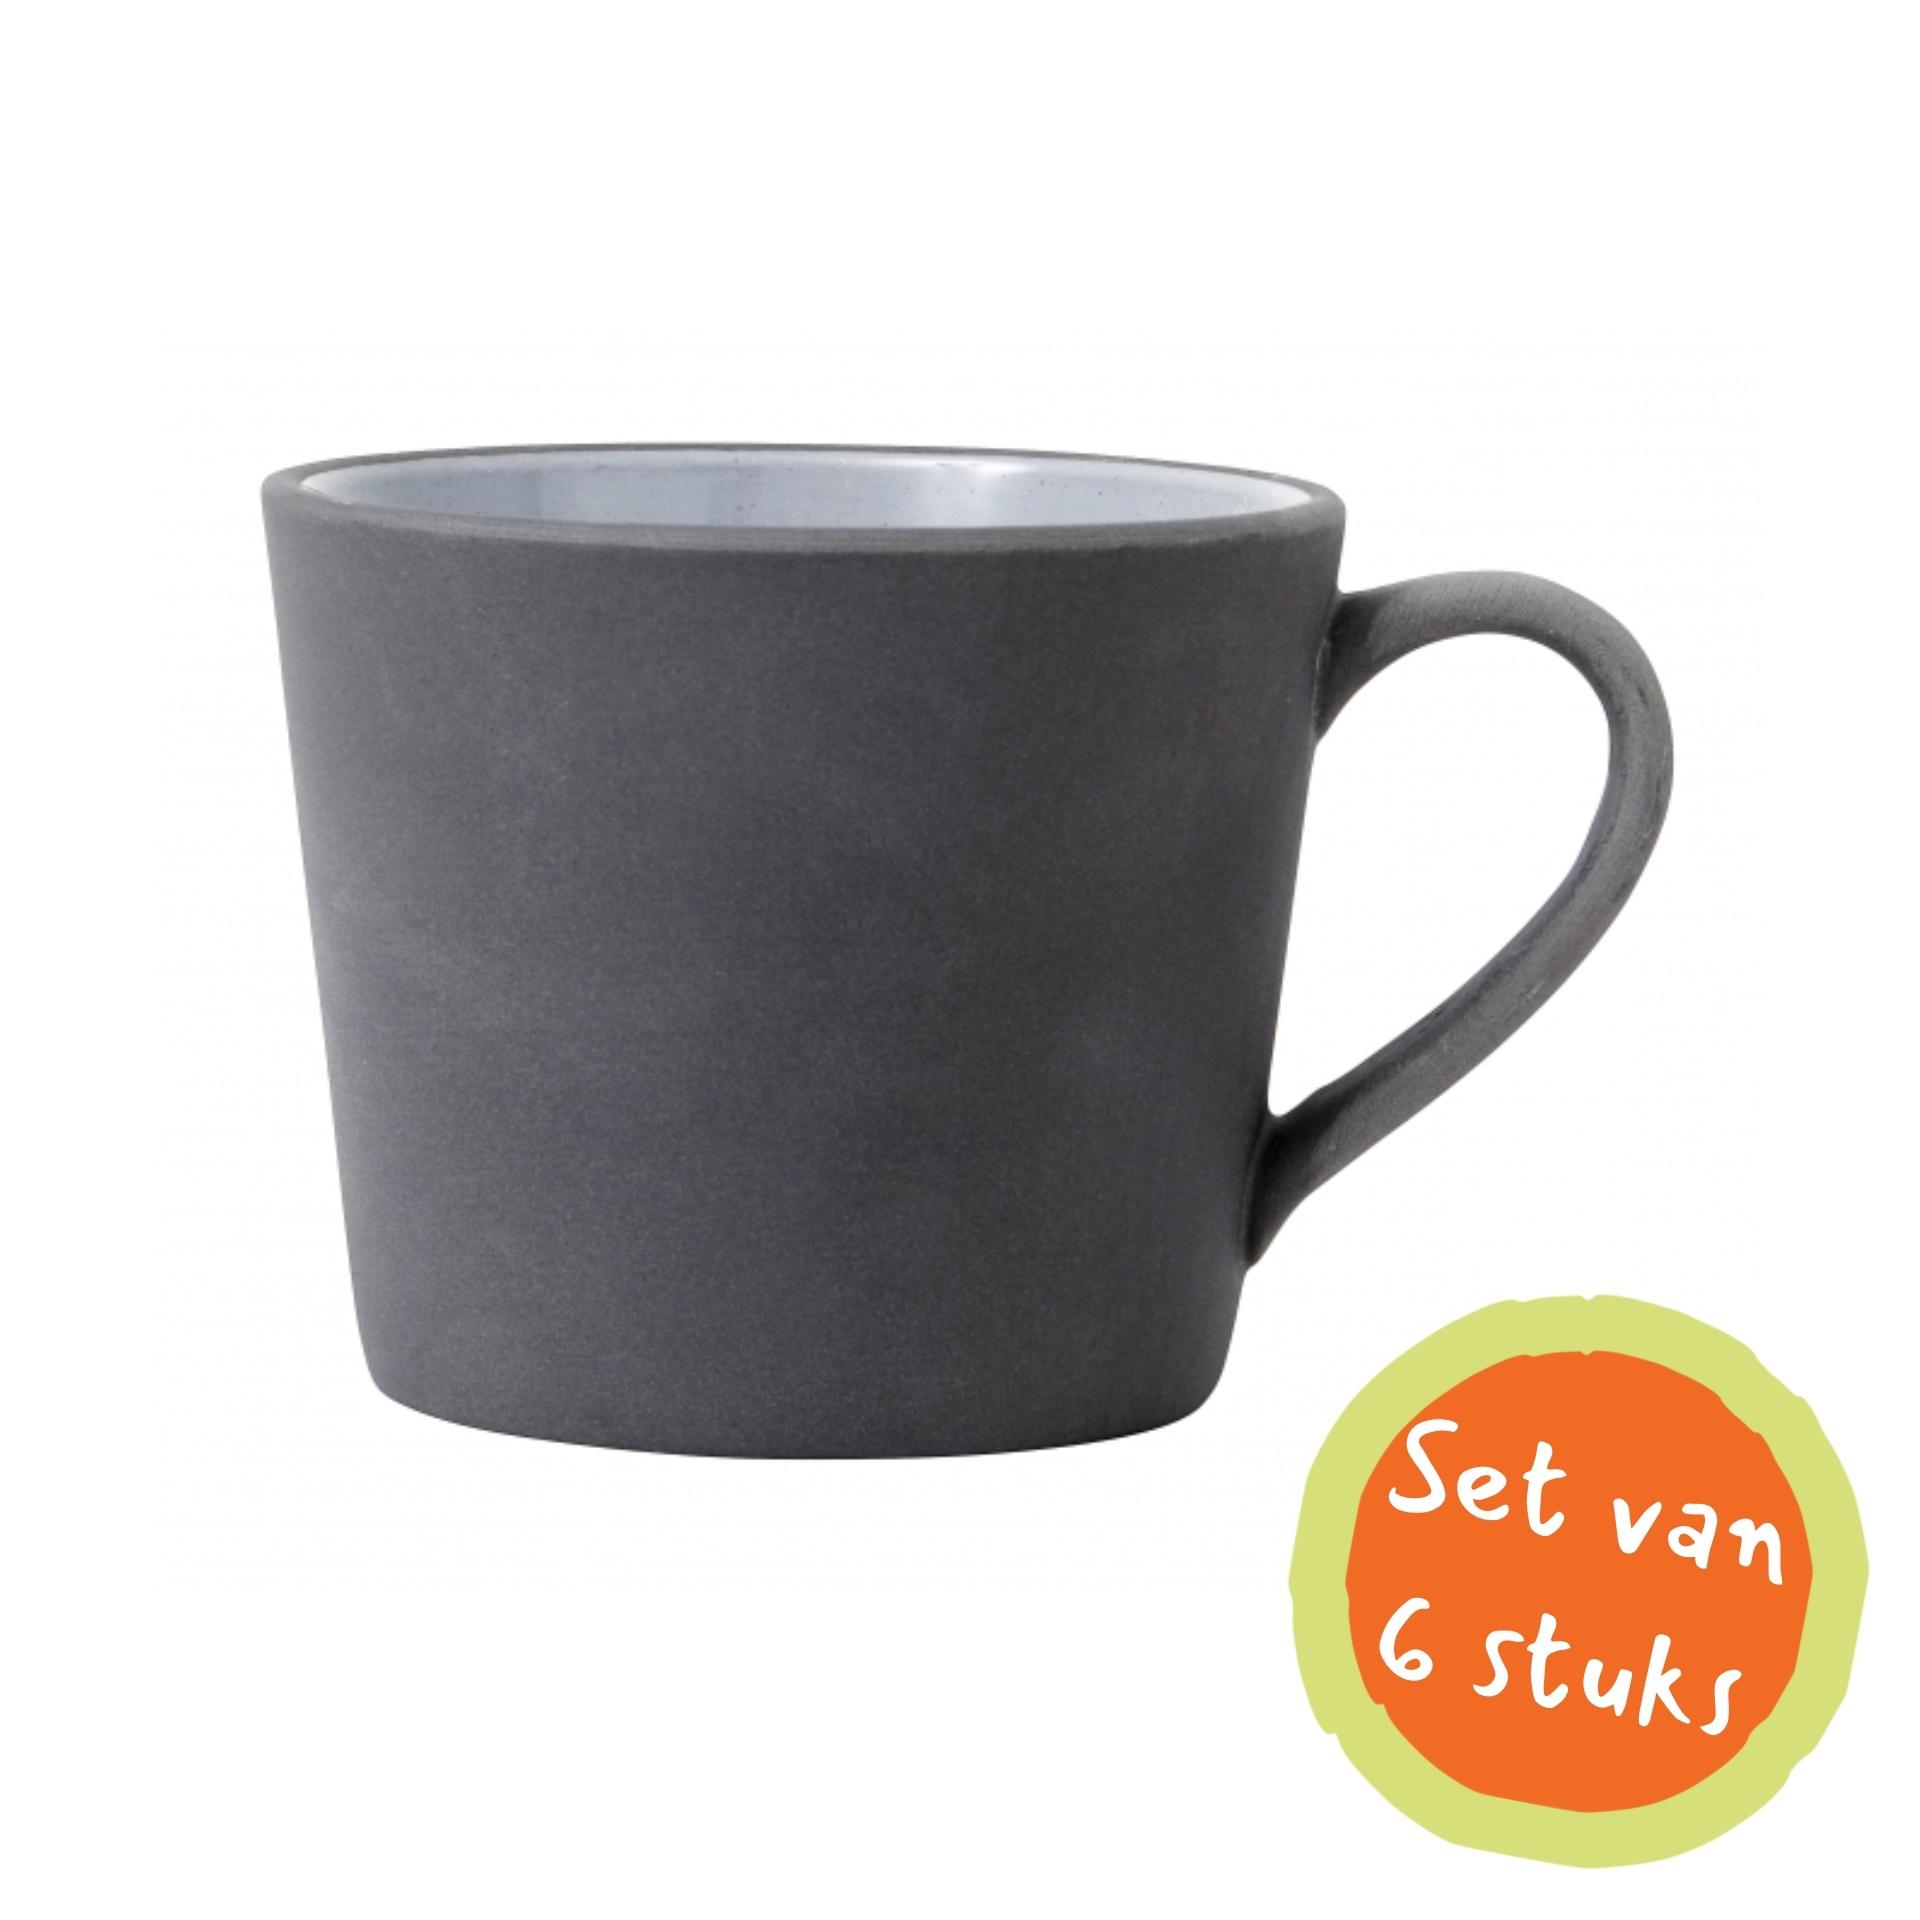 Nordal Cappuccinomok aardewerk zwart/wit - set van 6-5818-5708309140674